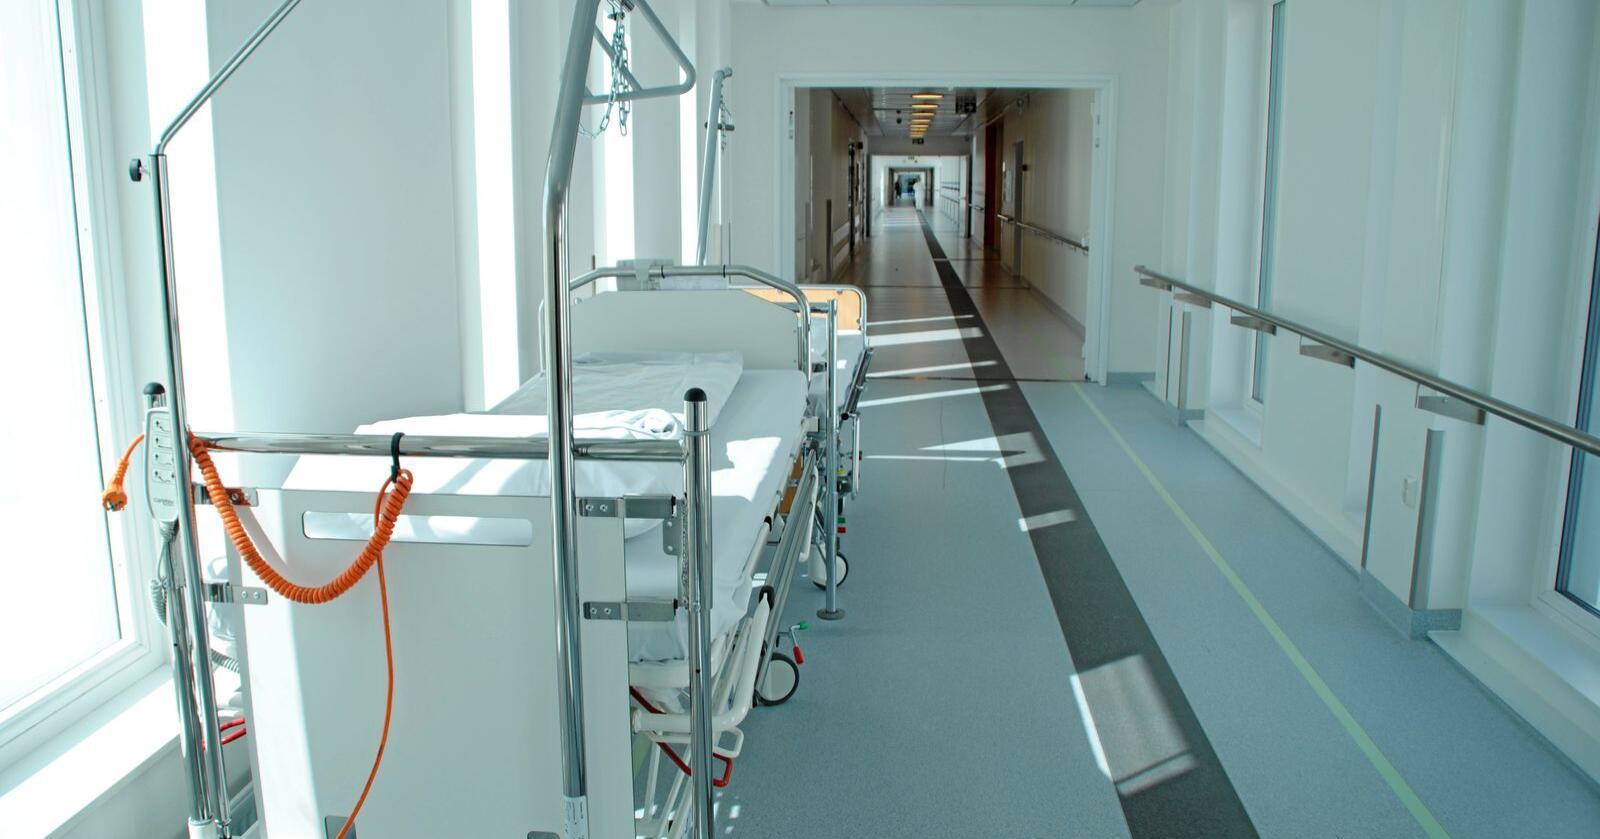 Sykehuset i Østfold er for lite. Regjeringa vil ikke bidra med ekstramidler til å utvide sykehuset. Foto: Lars Bilit Hagen